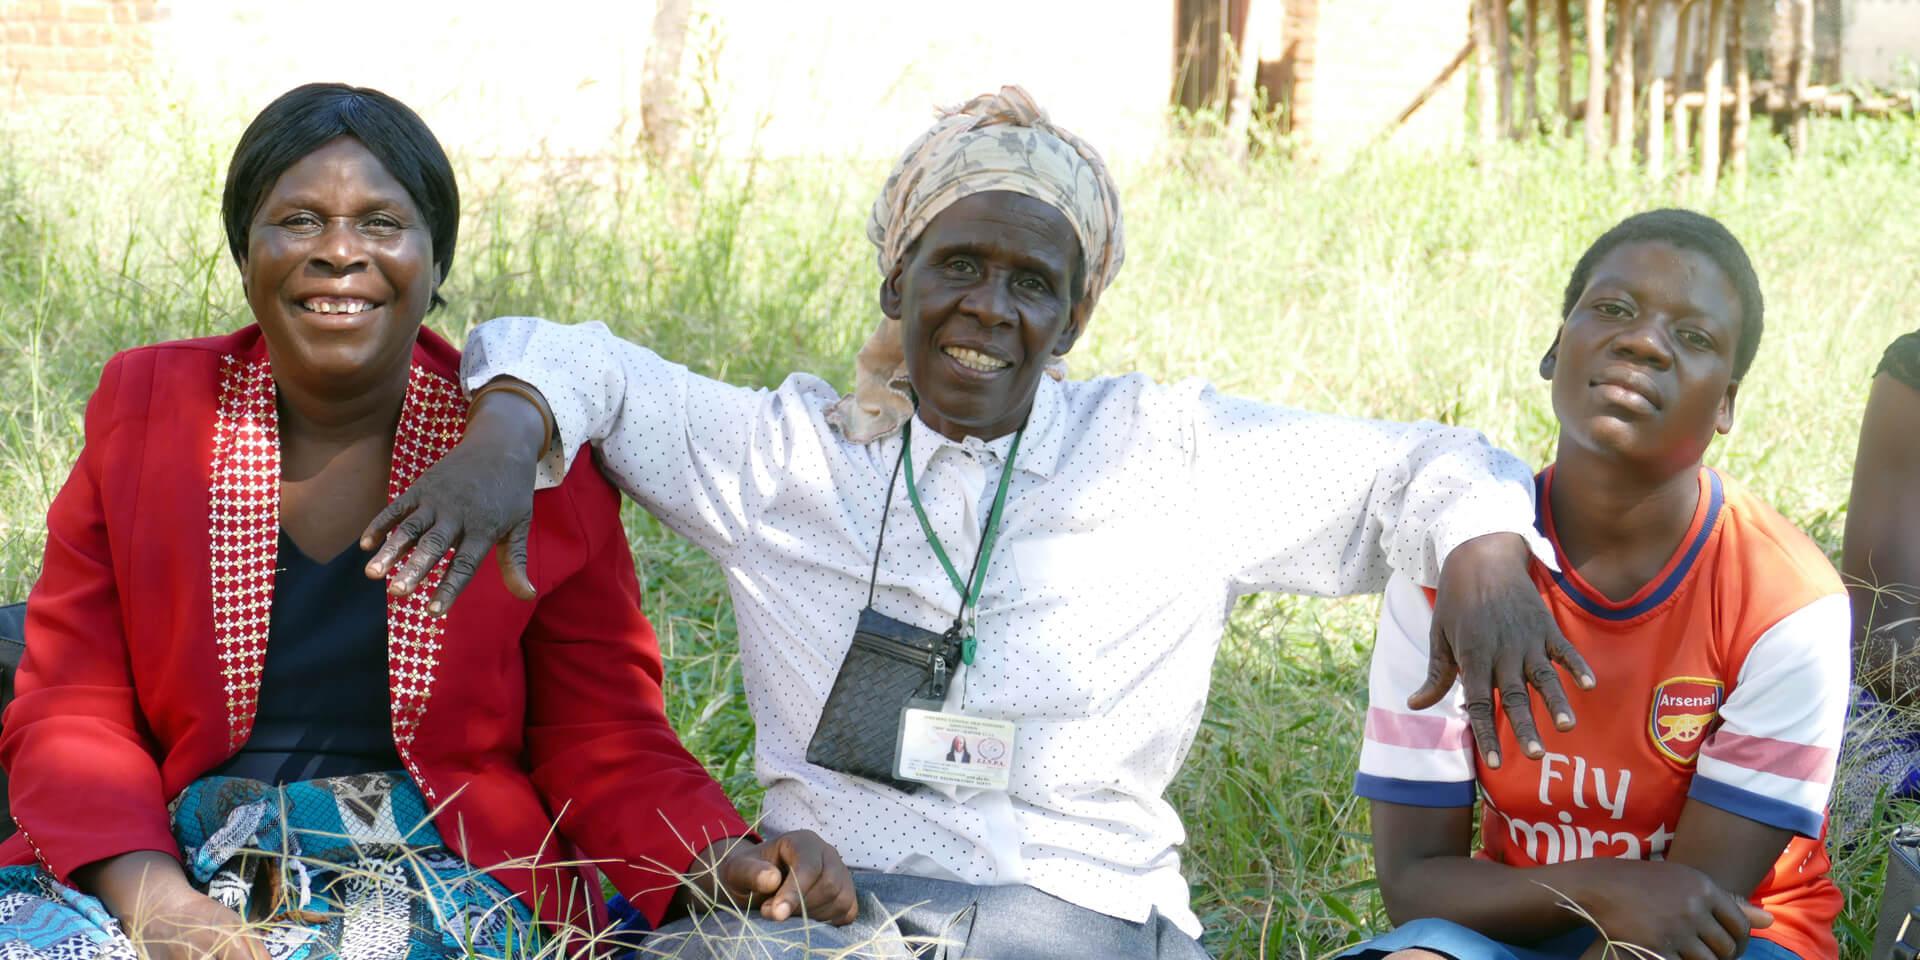 Weltgebetstag 2020 Simbabwe Frauen auf dem Land , © Weltgebetstag der Frauen – Deutsches Komitee e.V.